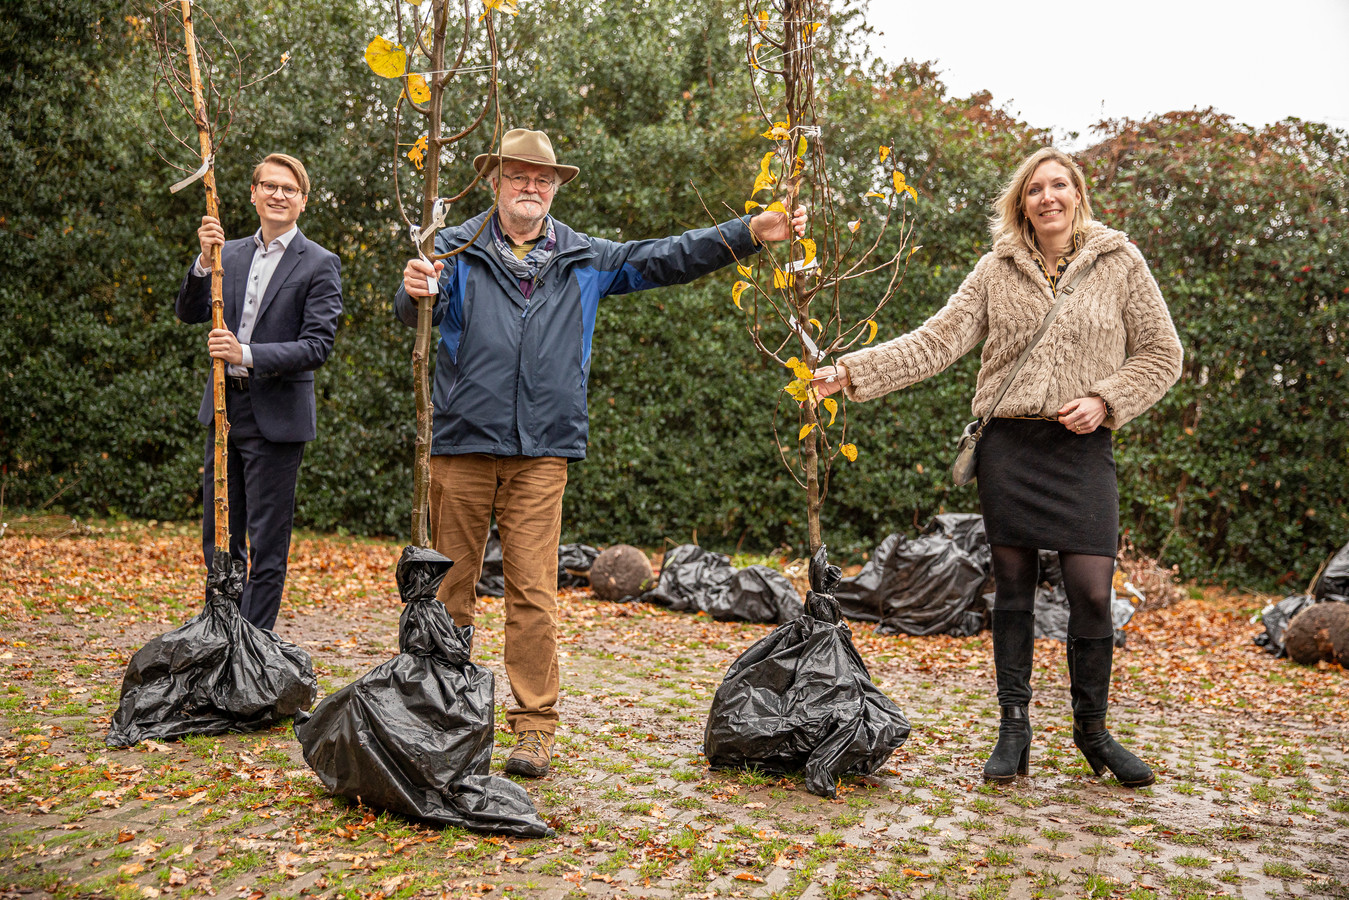 Theo von Piekartz van De Groene Loper Losser-Oldenzaal (midden) en de wethouders Jaimi van Essen (Losser) en Evelien Zinkweg (Oldenzaal) reiken symbolisch de bomen uit aan de zestien buurtinitiatieven die zich hebben aangemeld voor de campagne 'Iedereen een boom'.